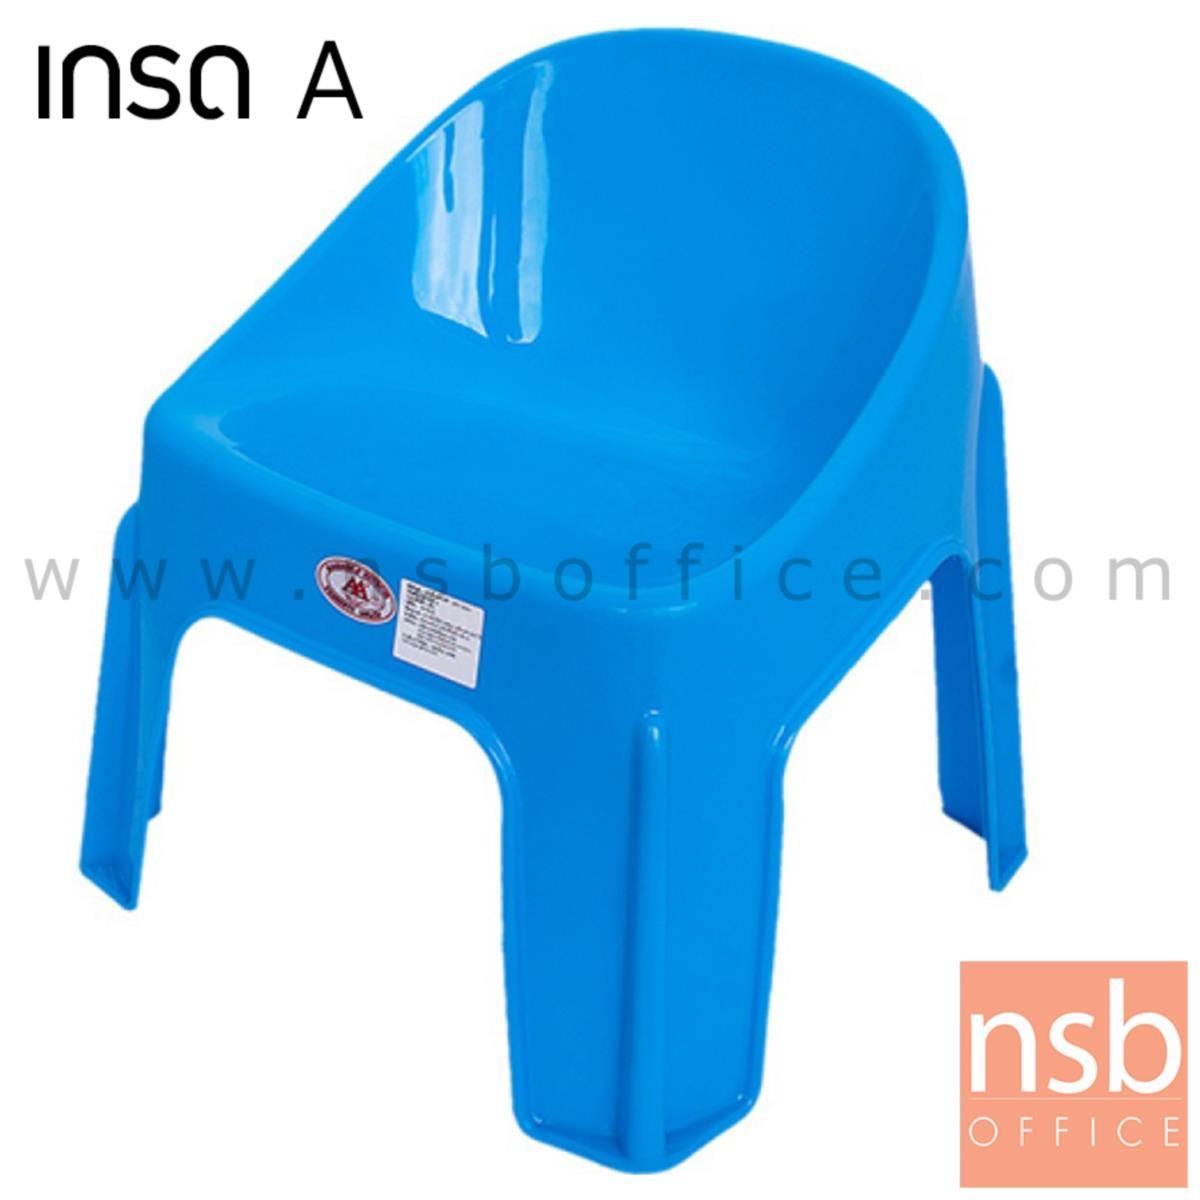 เก้าอี้พลาสติกสำหรับเด็ก รุ่น FANCY_CHAIR ซ้อนทับได้ (พลาสติกเกรด A)